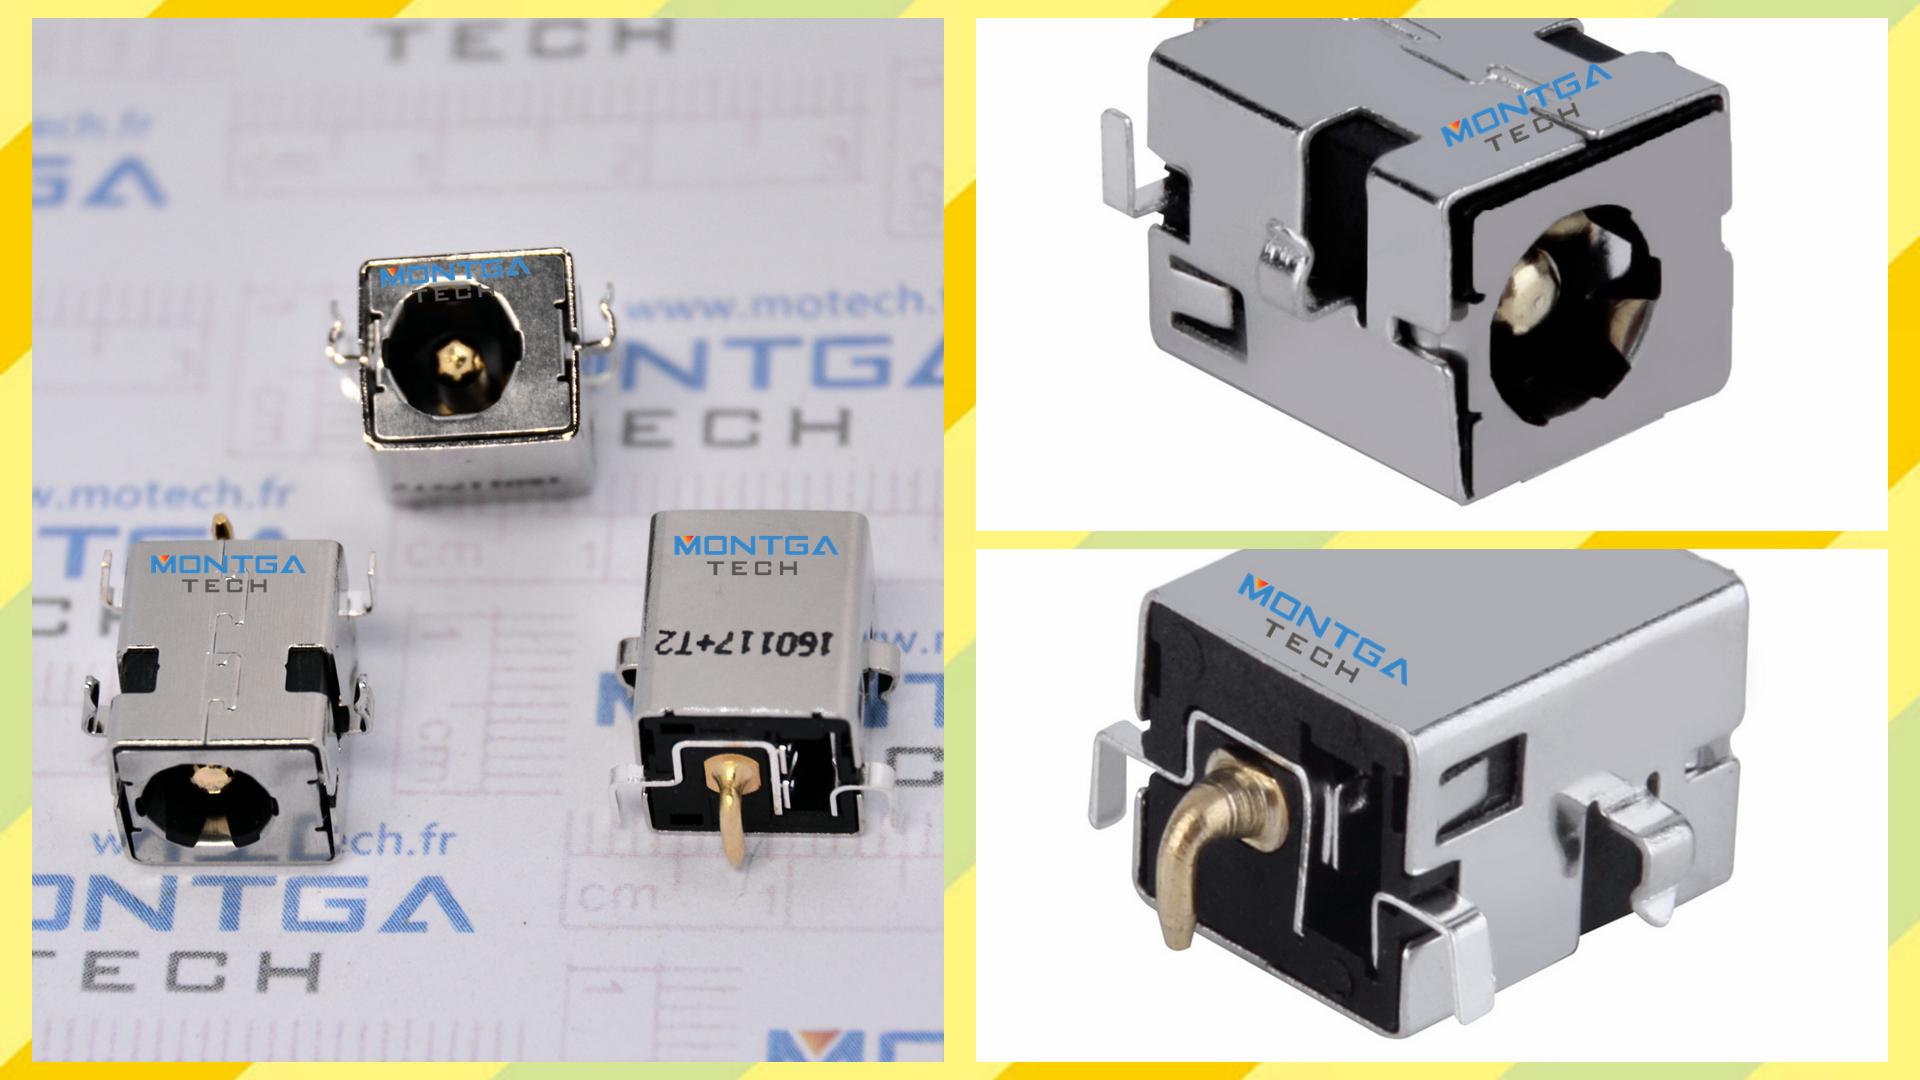 Asus B53V charging connector, Asus B53V DC Power Jack, Asus B53V Power Jack, Asus B53V plug, Asus B53V Jack socket, Asus B53V connecteur de charge,